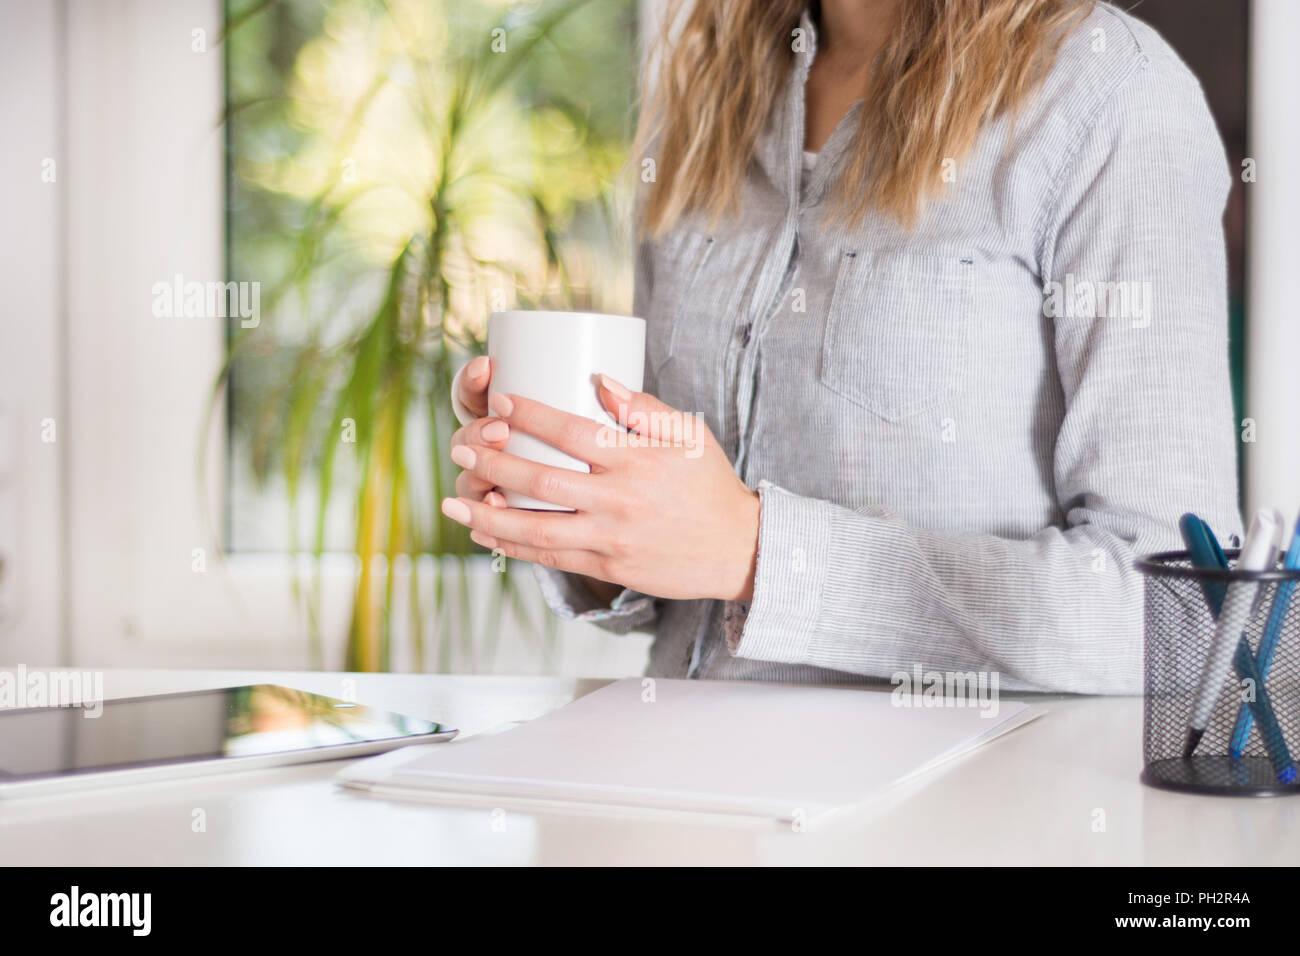 Business Frau sitzt am Schreibtisch bei modernen Büro- und Holding weiße Tasse Kaffee in der Hand. Mädchen trägt elegante Hemd auf Streifen. Verschwommen große grüne Windows Stockbild